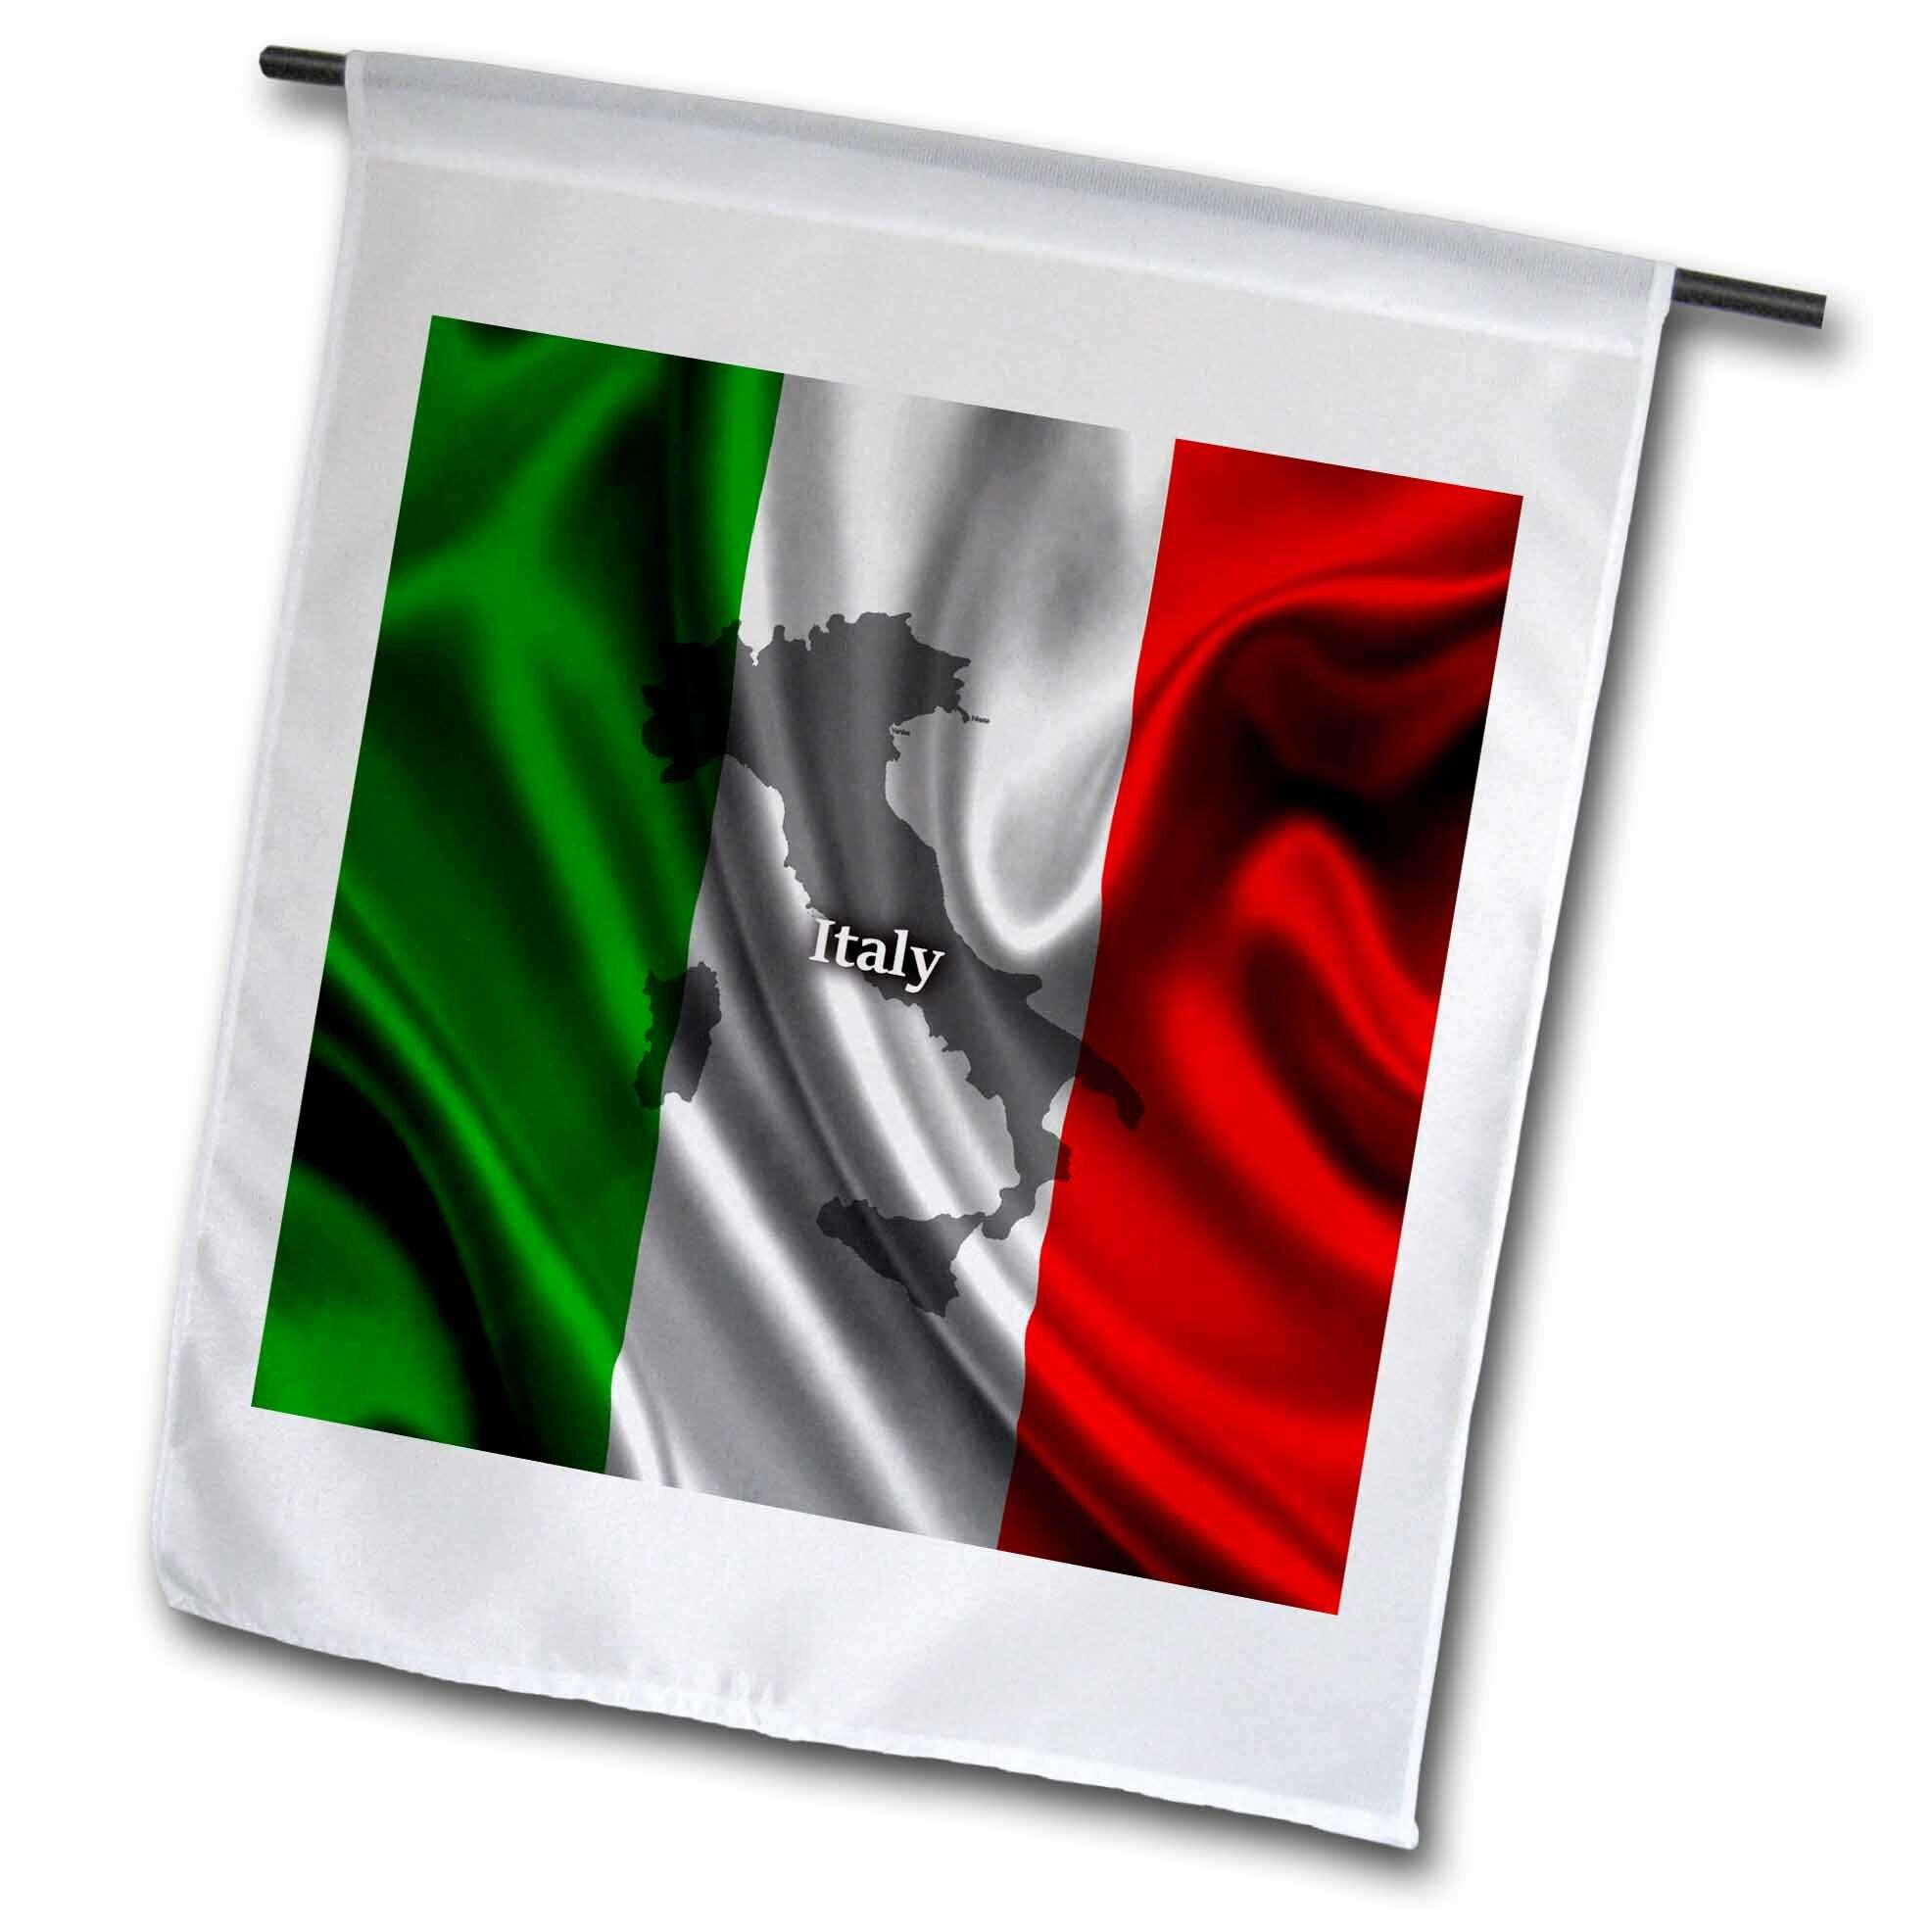 3drose Italian Design Polyester 18 X 12 In Garden Flag Wayfair